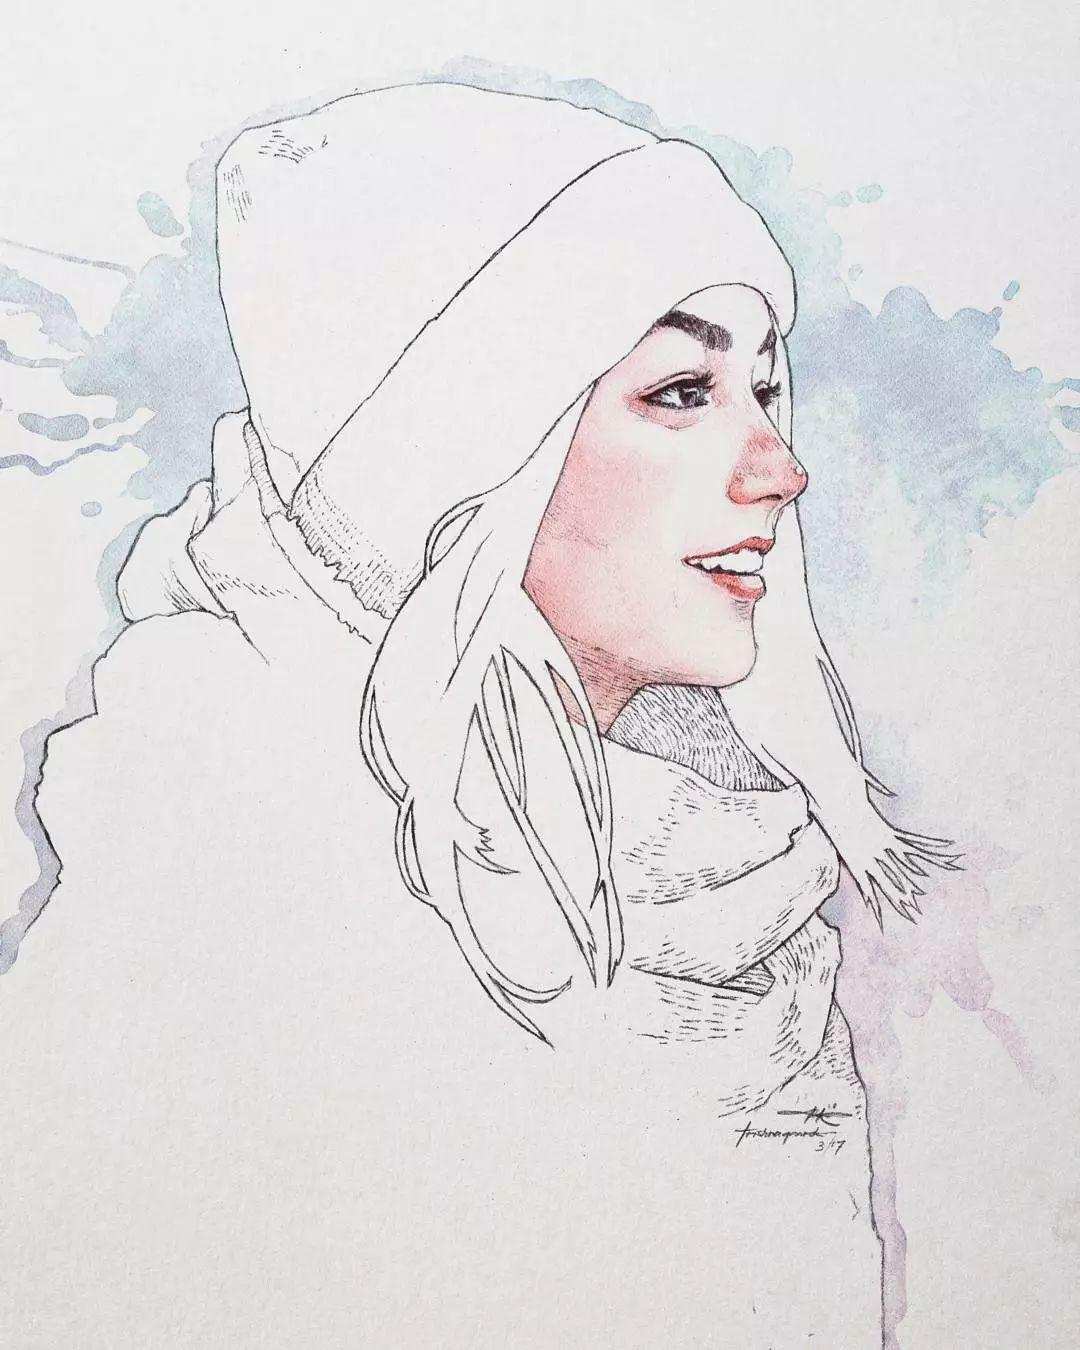 美女的五官,头发,衣服 大多都是用钢笔把黑白灰关系画出来后